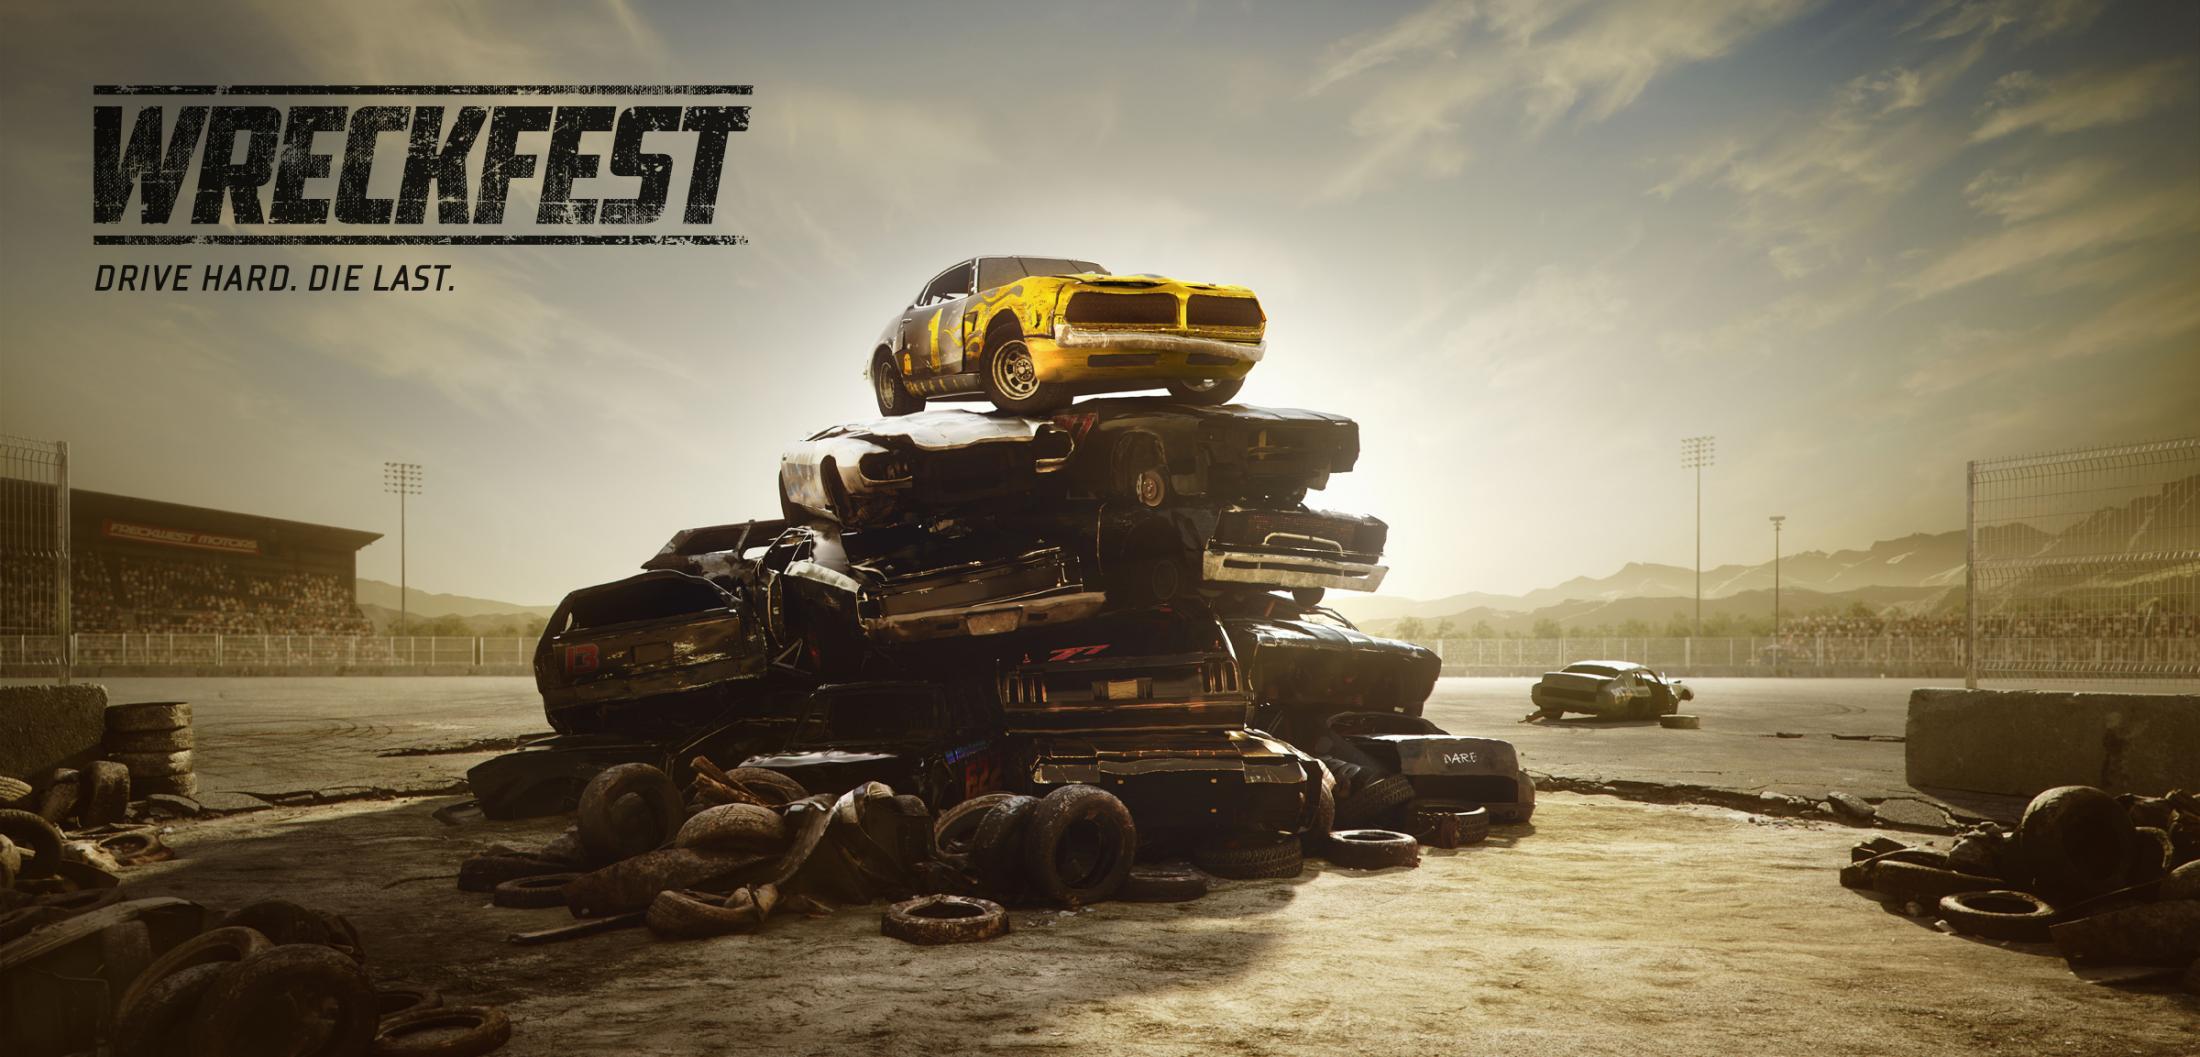 Wreckfest Digital Ad - Drive hard. Die last.